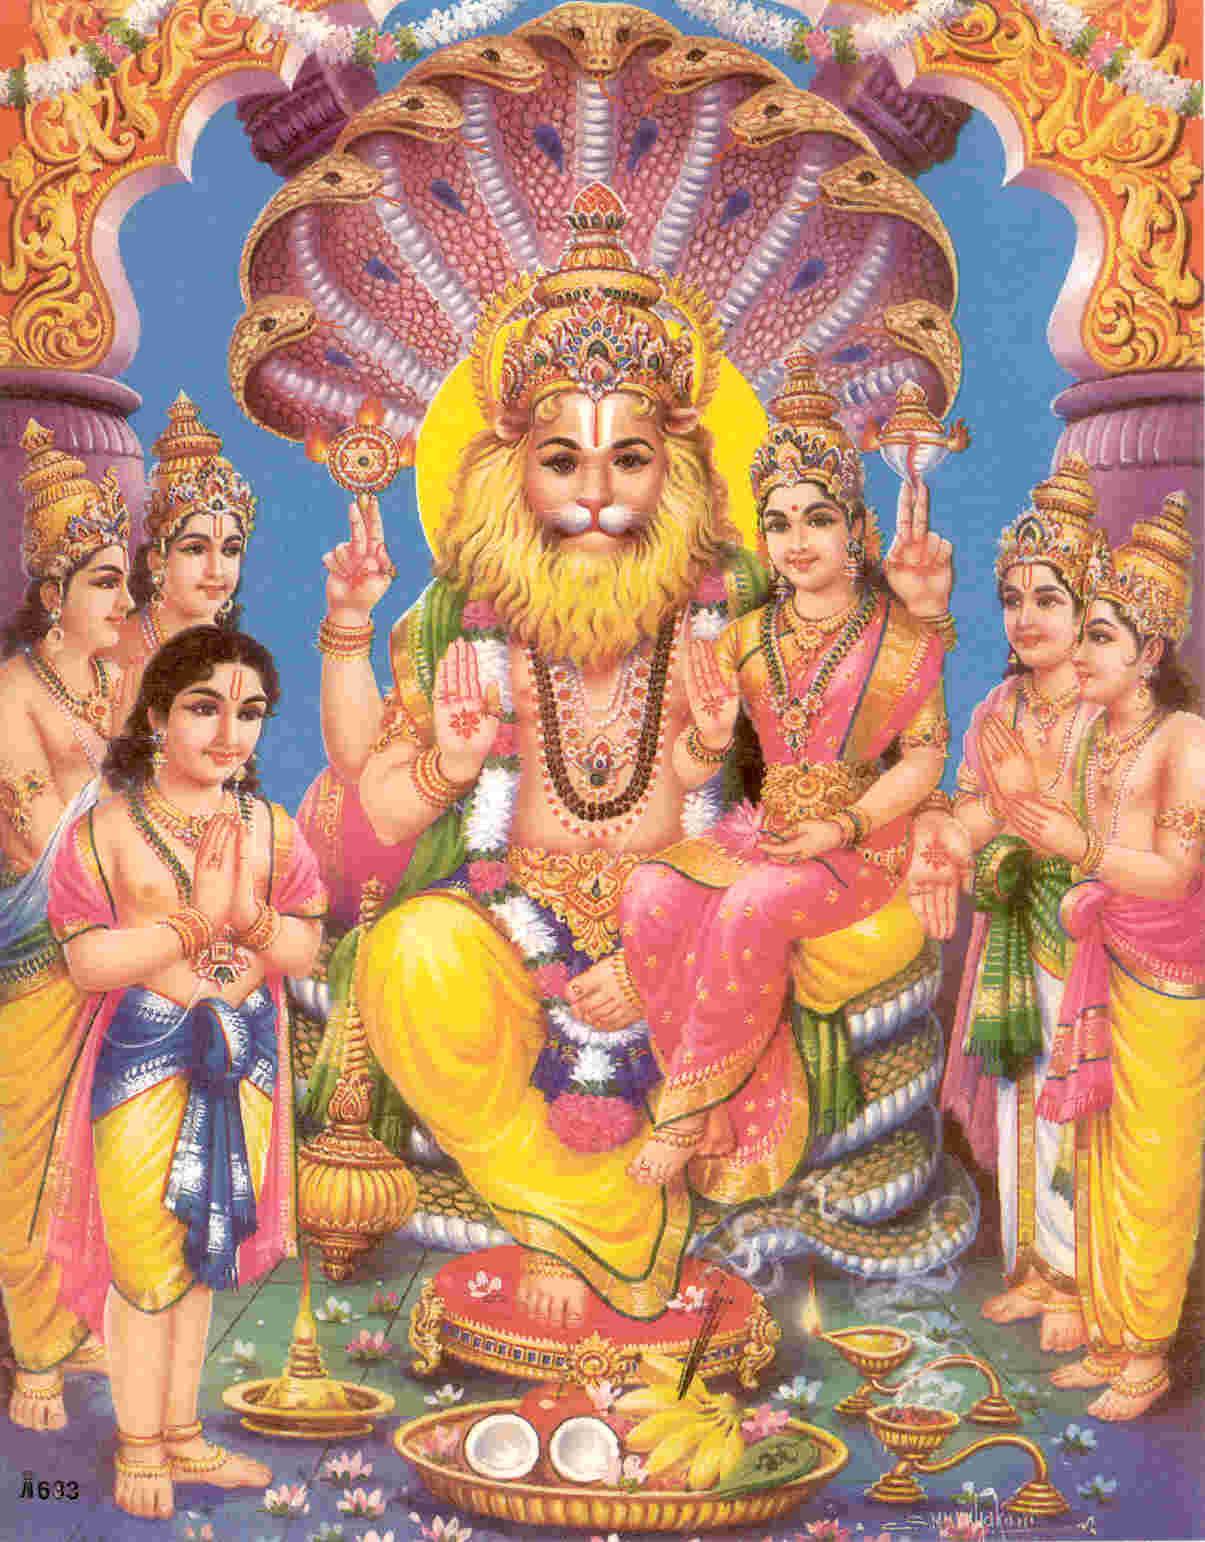 Lord narasimha mantra mp3 free download